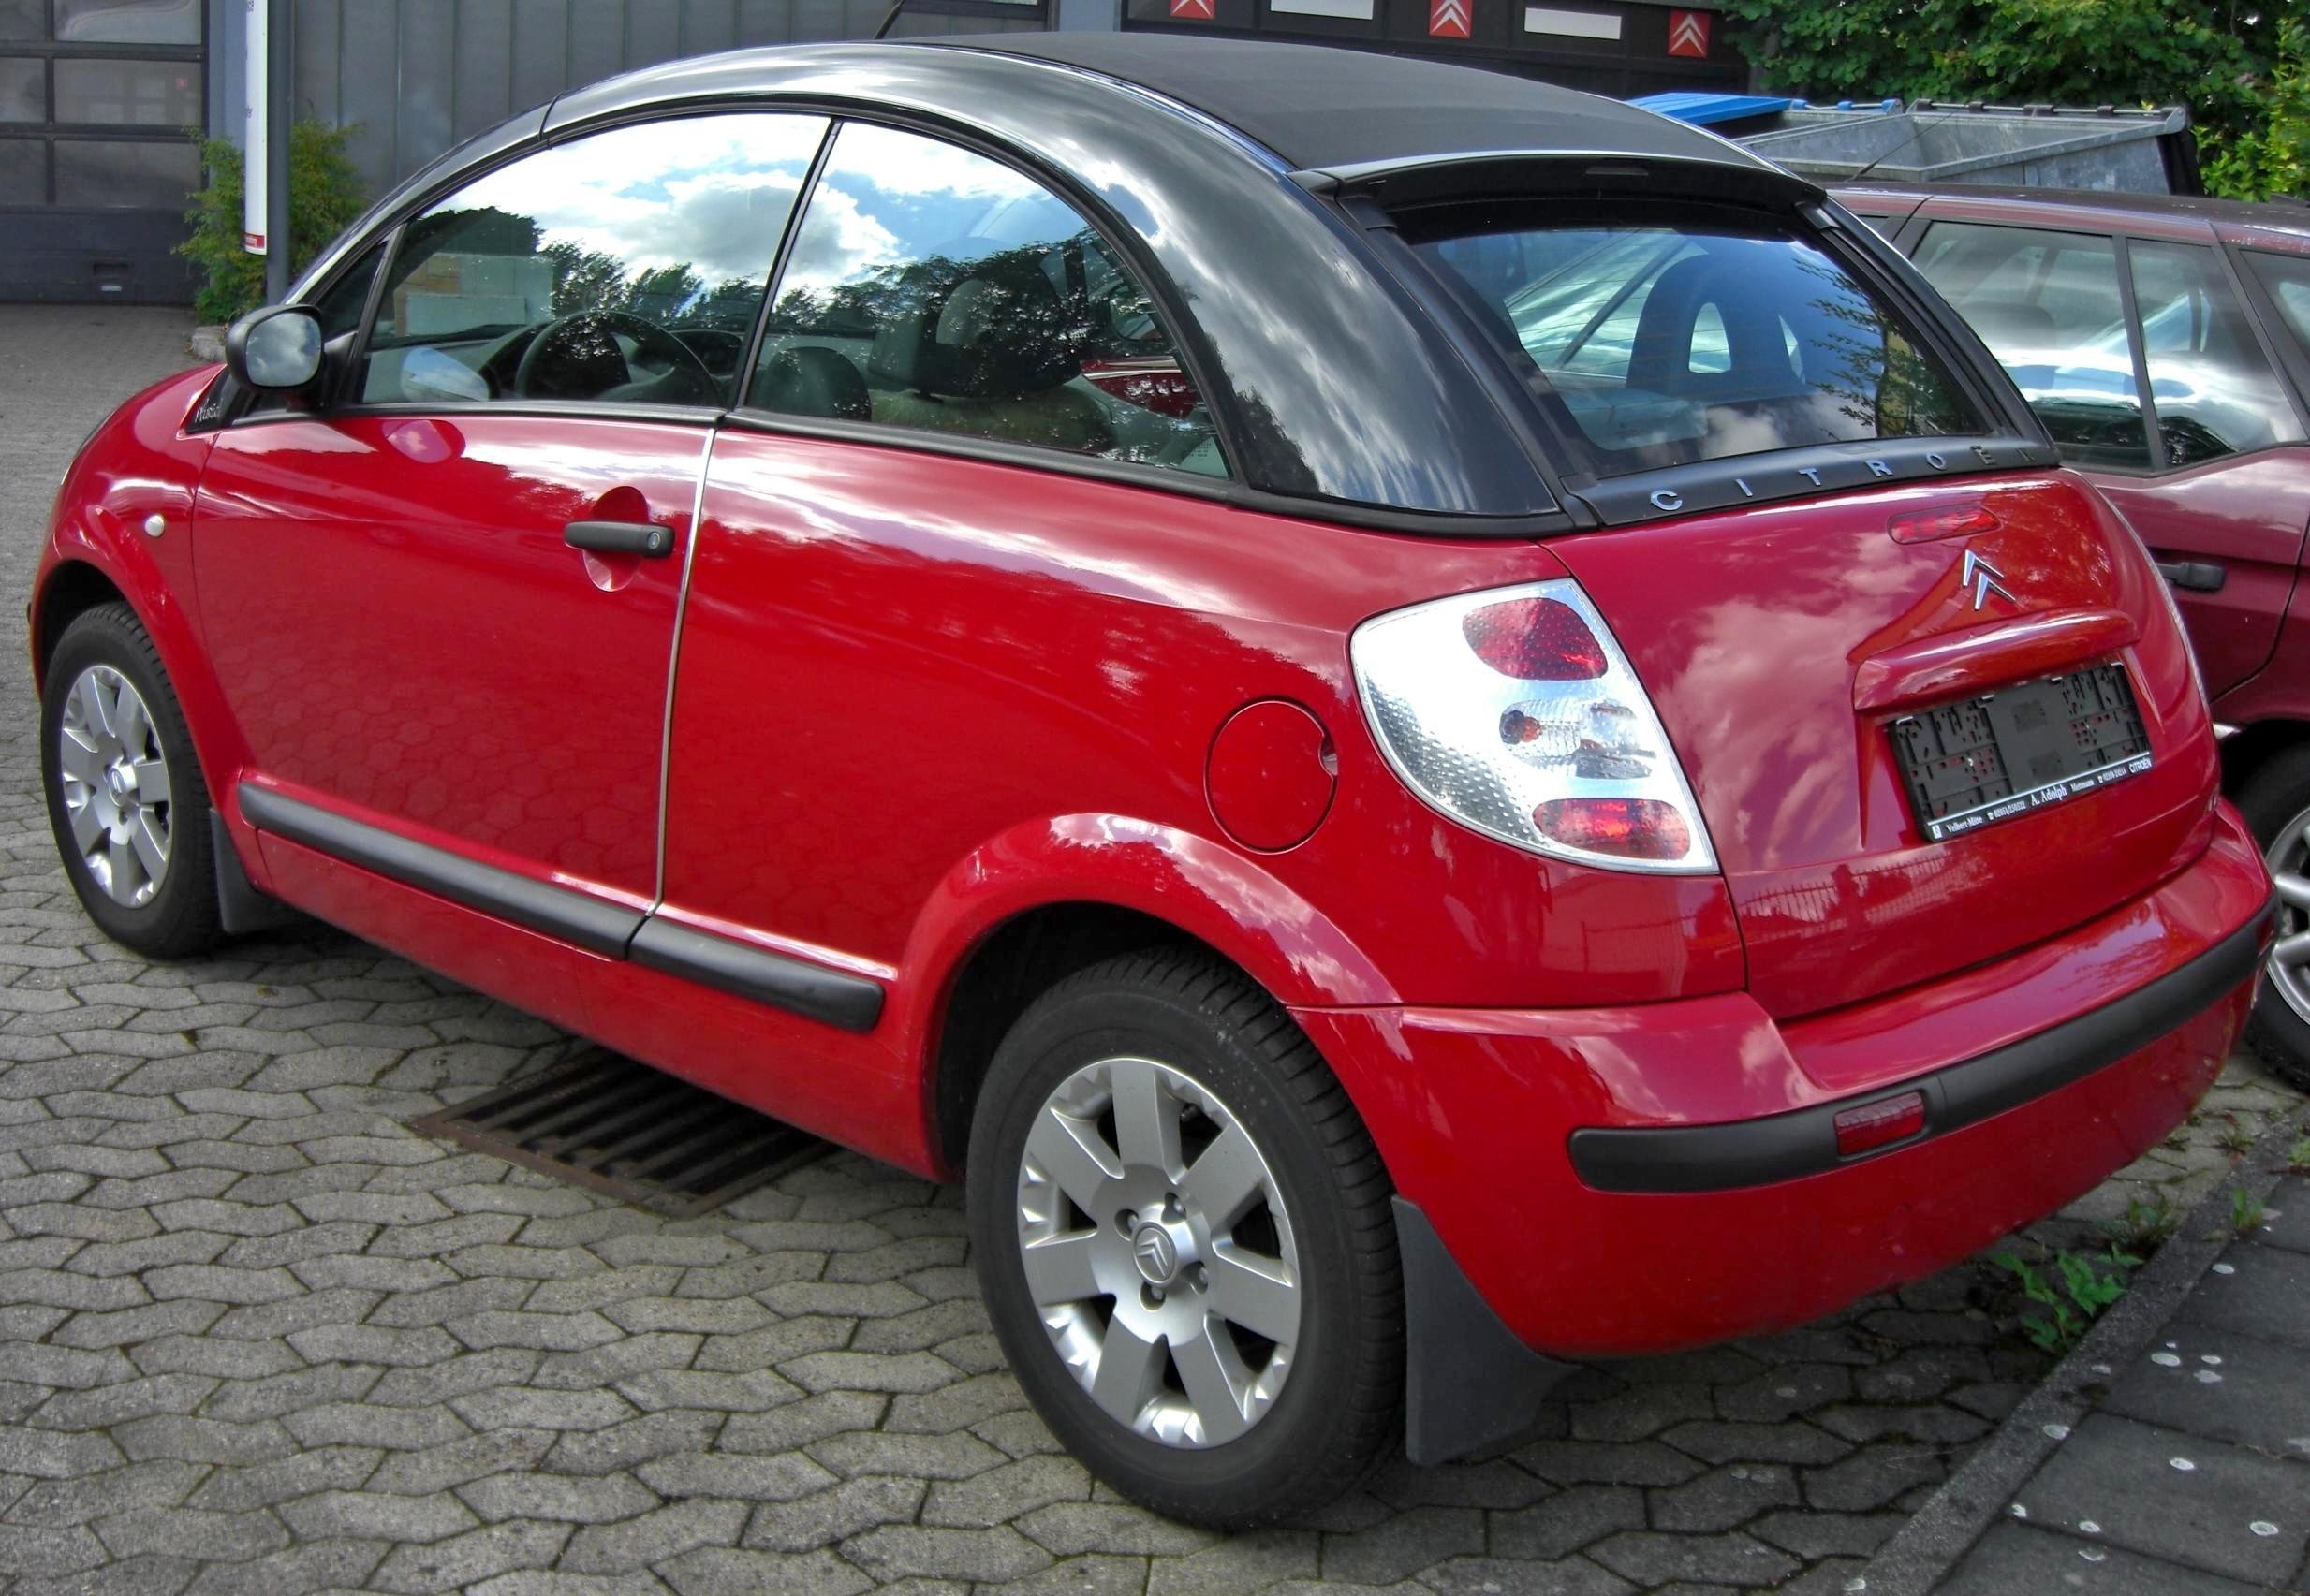 File:Citroën C3 Pluriel rear jpg - Wikimedia Commons